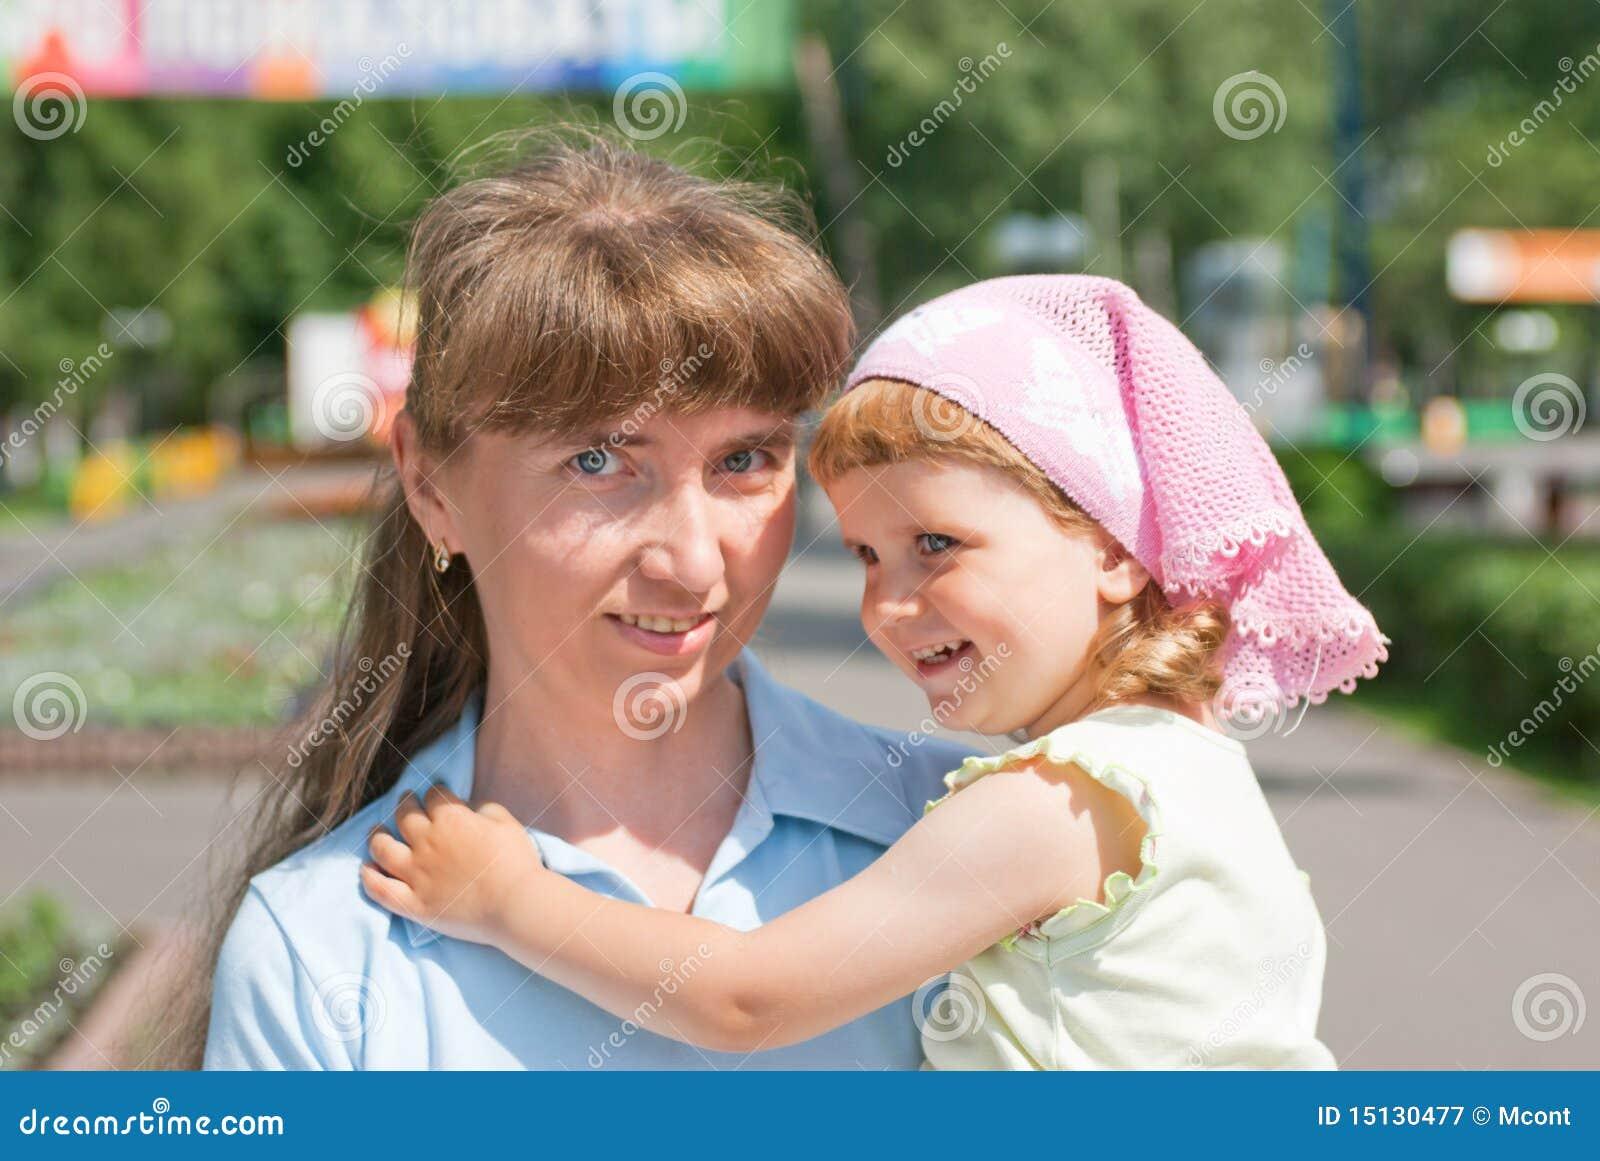 Una niña con su madre